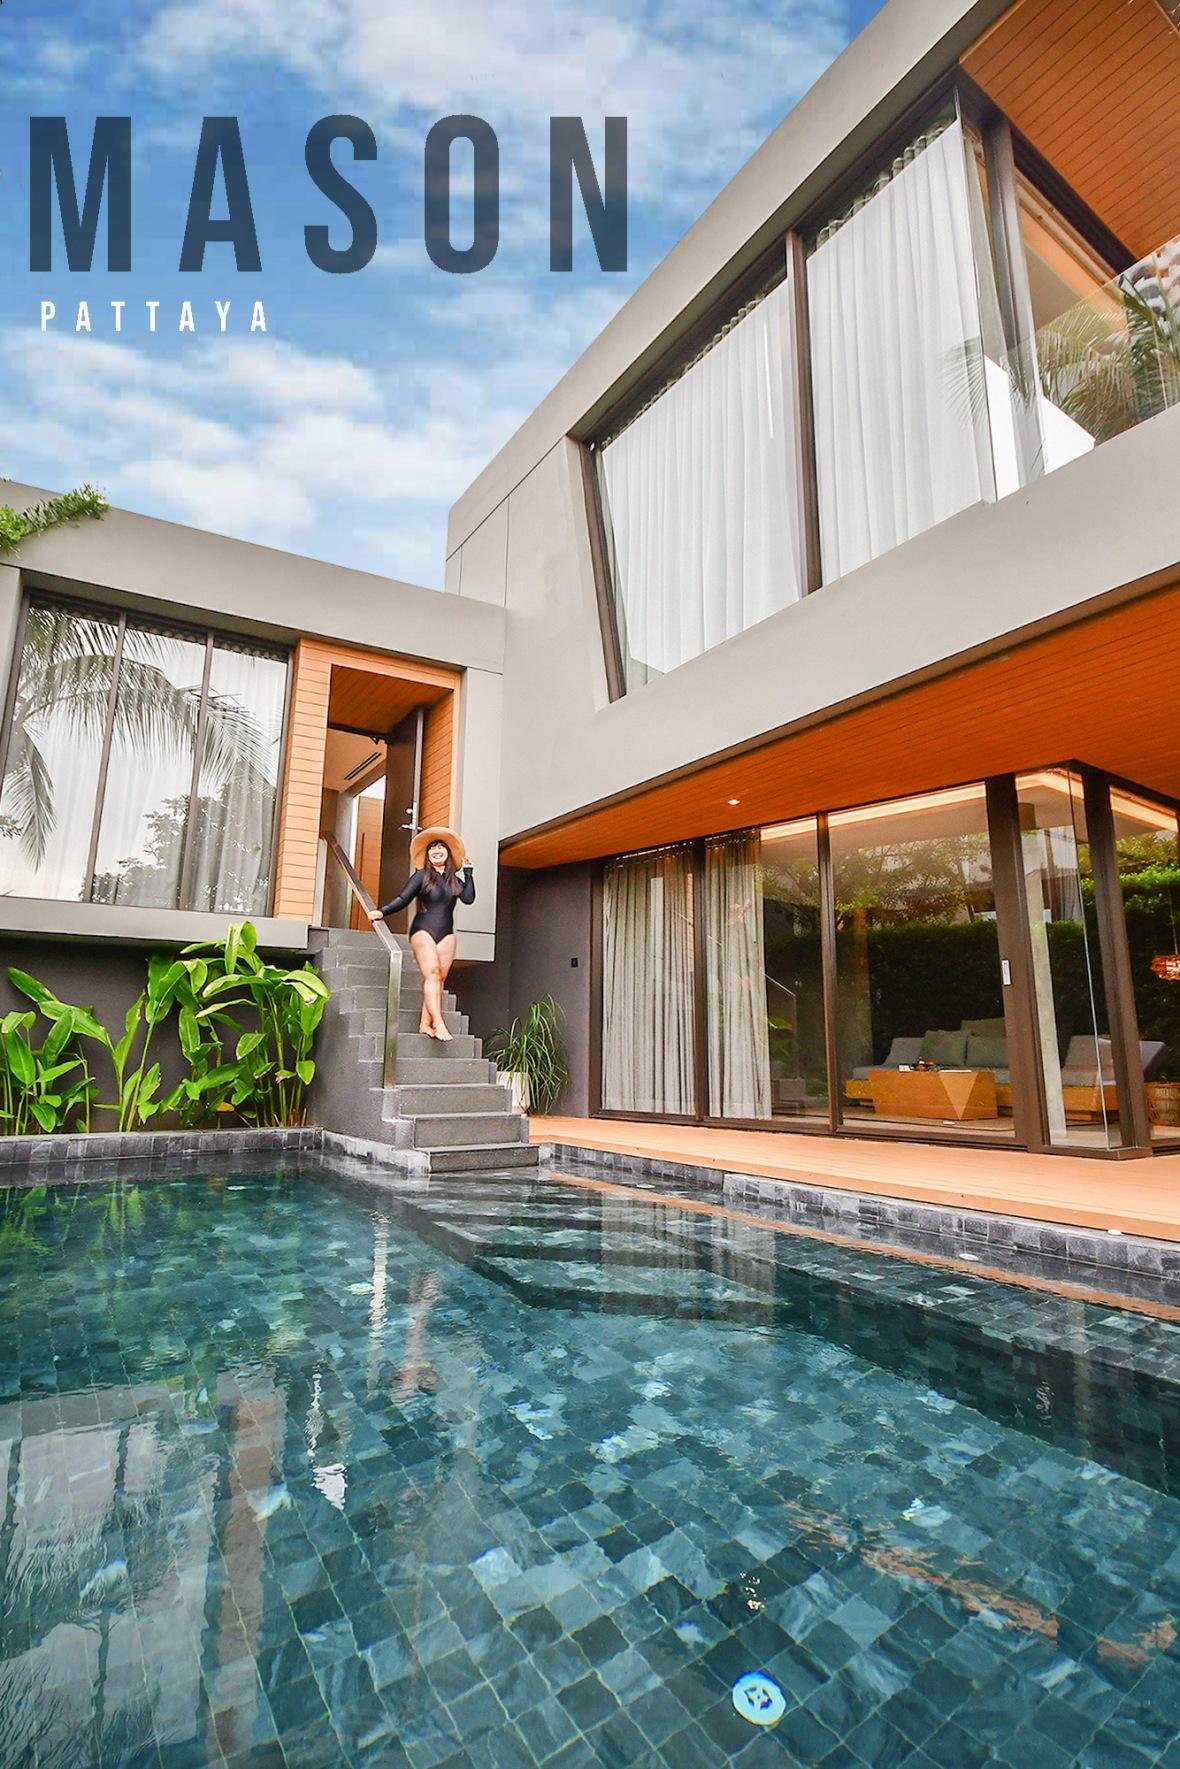 Mason Pattaya (1)